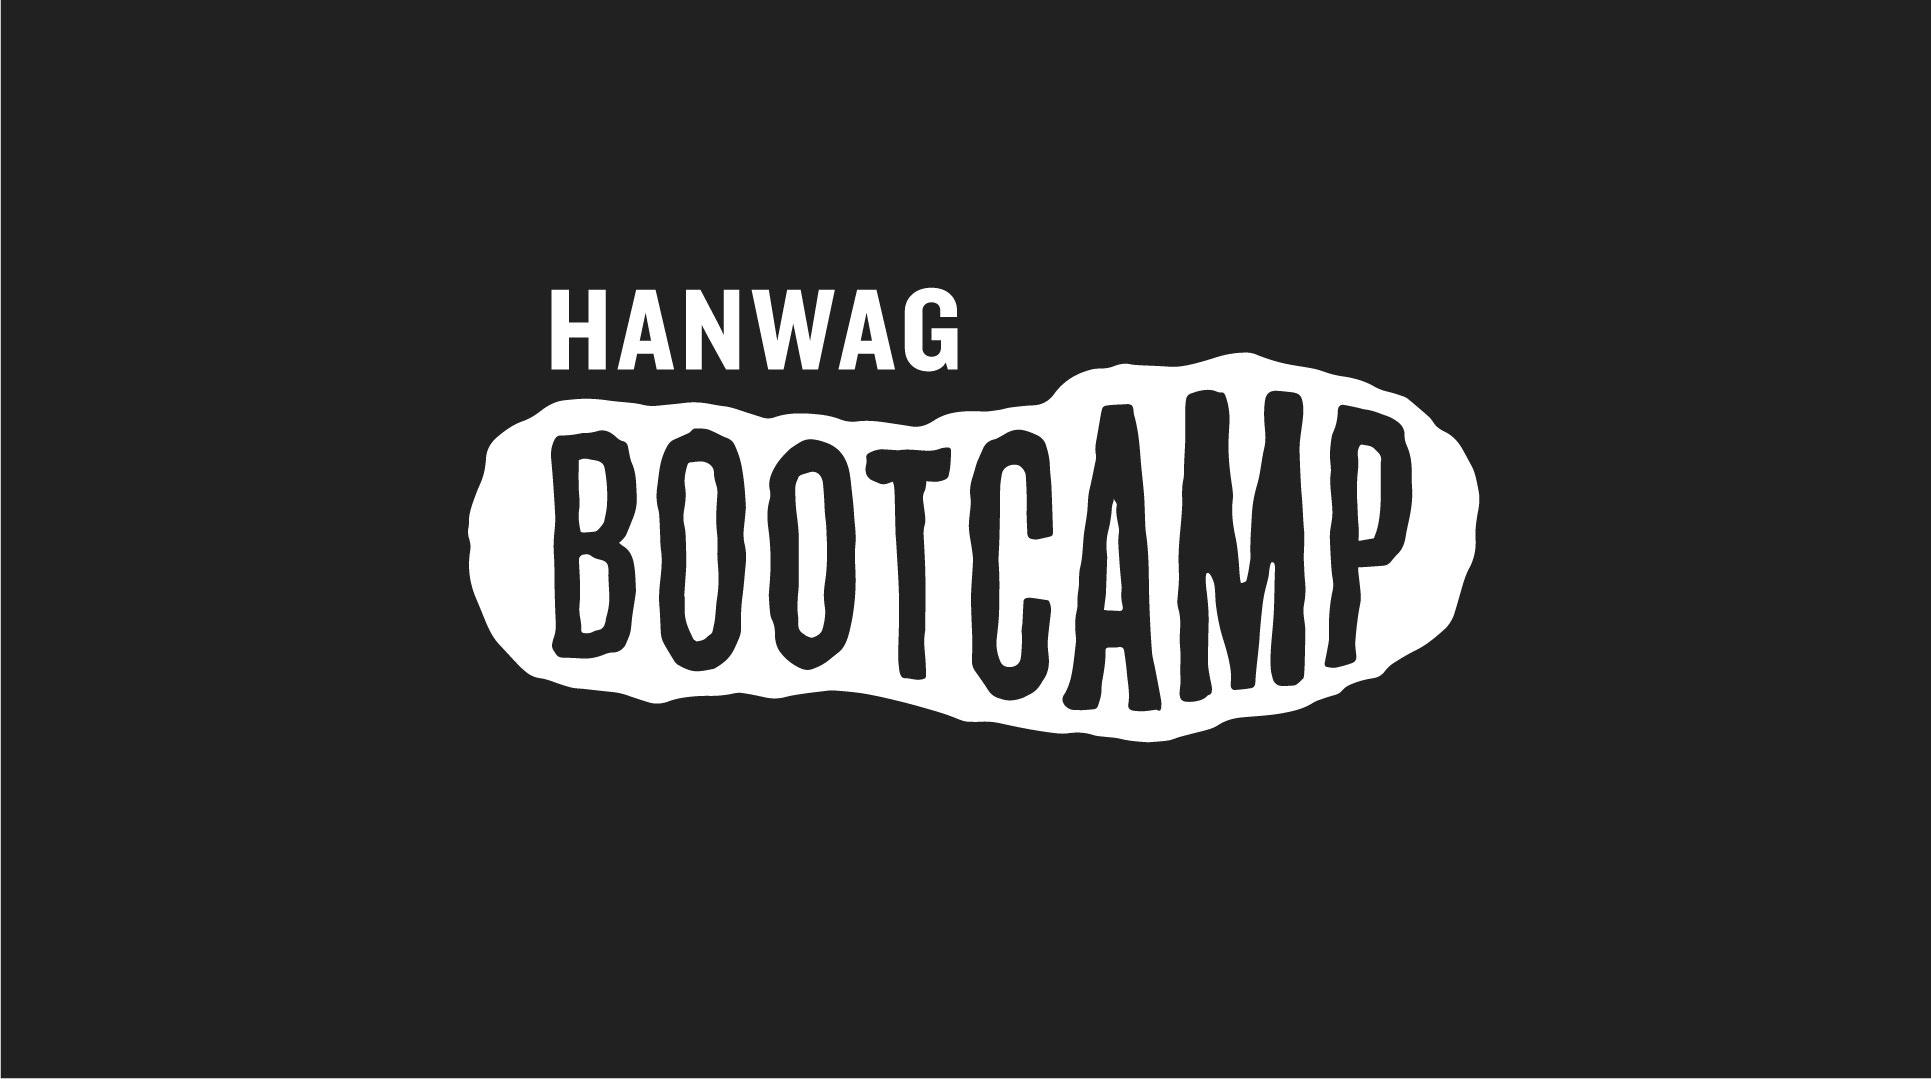 HAN_21_0013_Bootcamp_Logo_01_grau